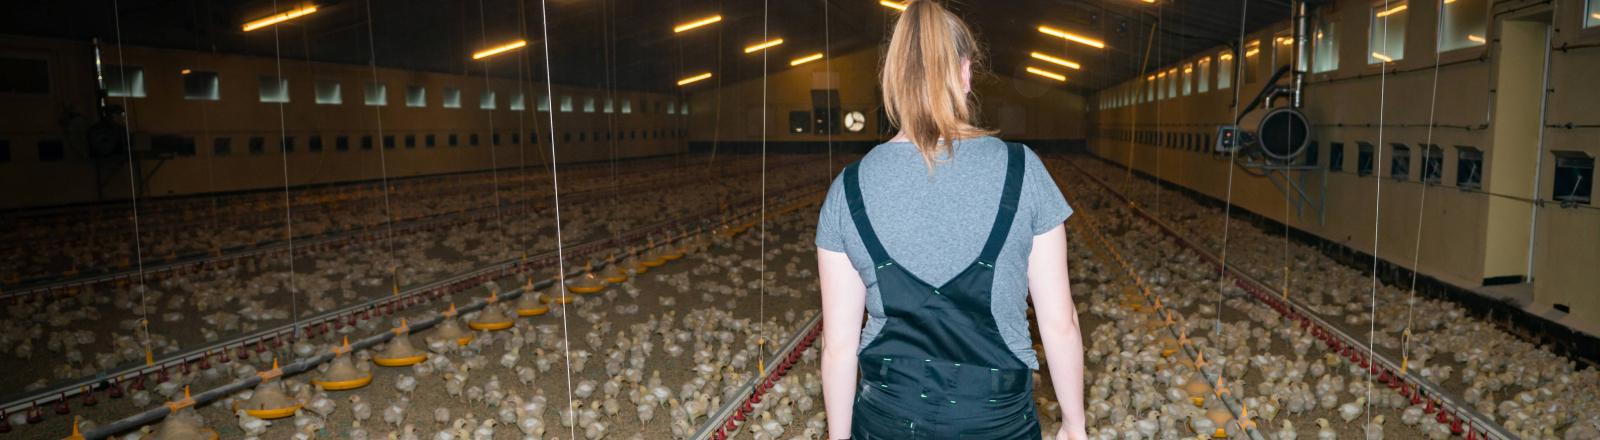 Wenig Licht, kaum Schatten: massenhafte Hühnchenhaltung im Münsterland